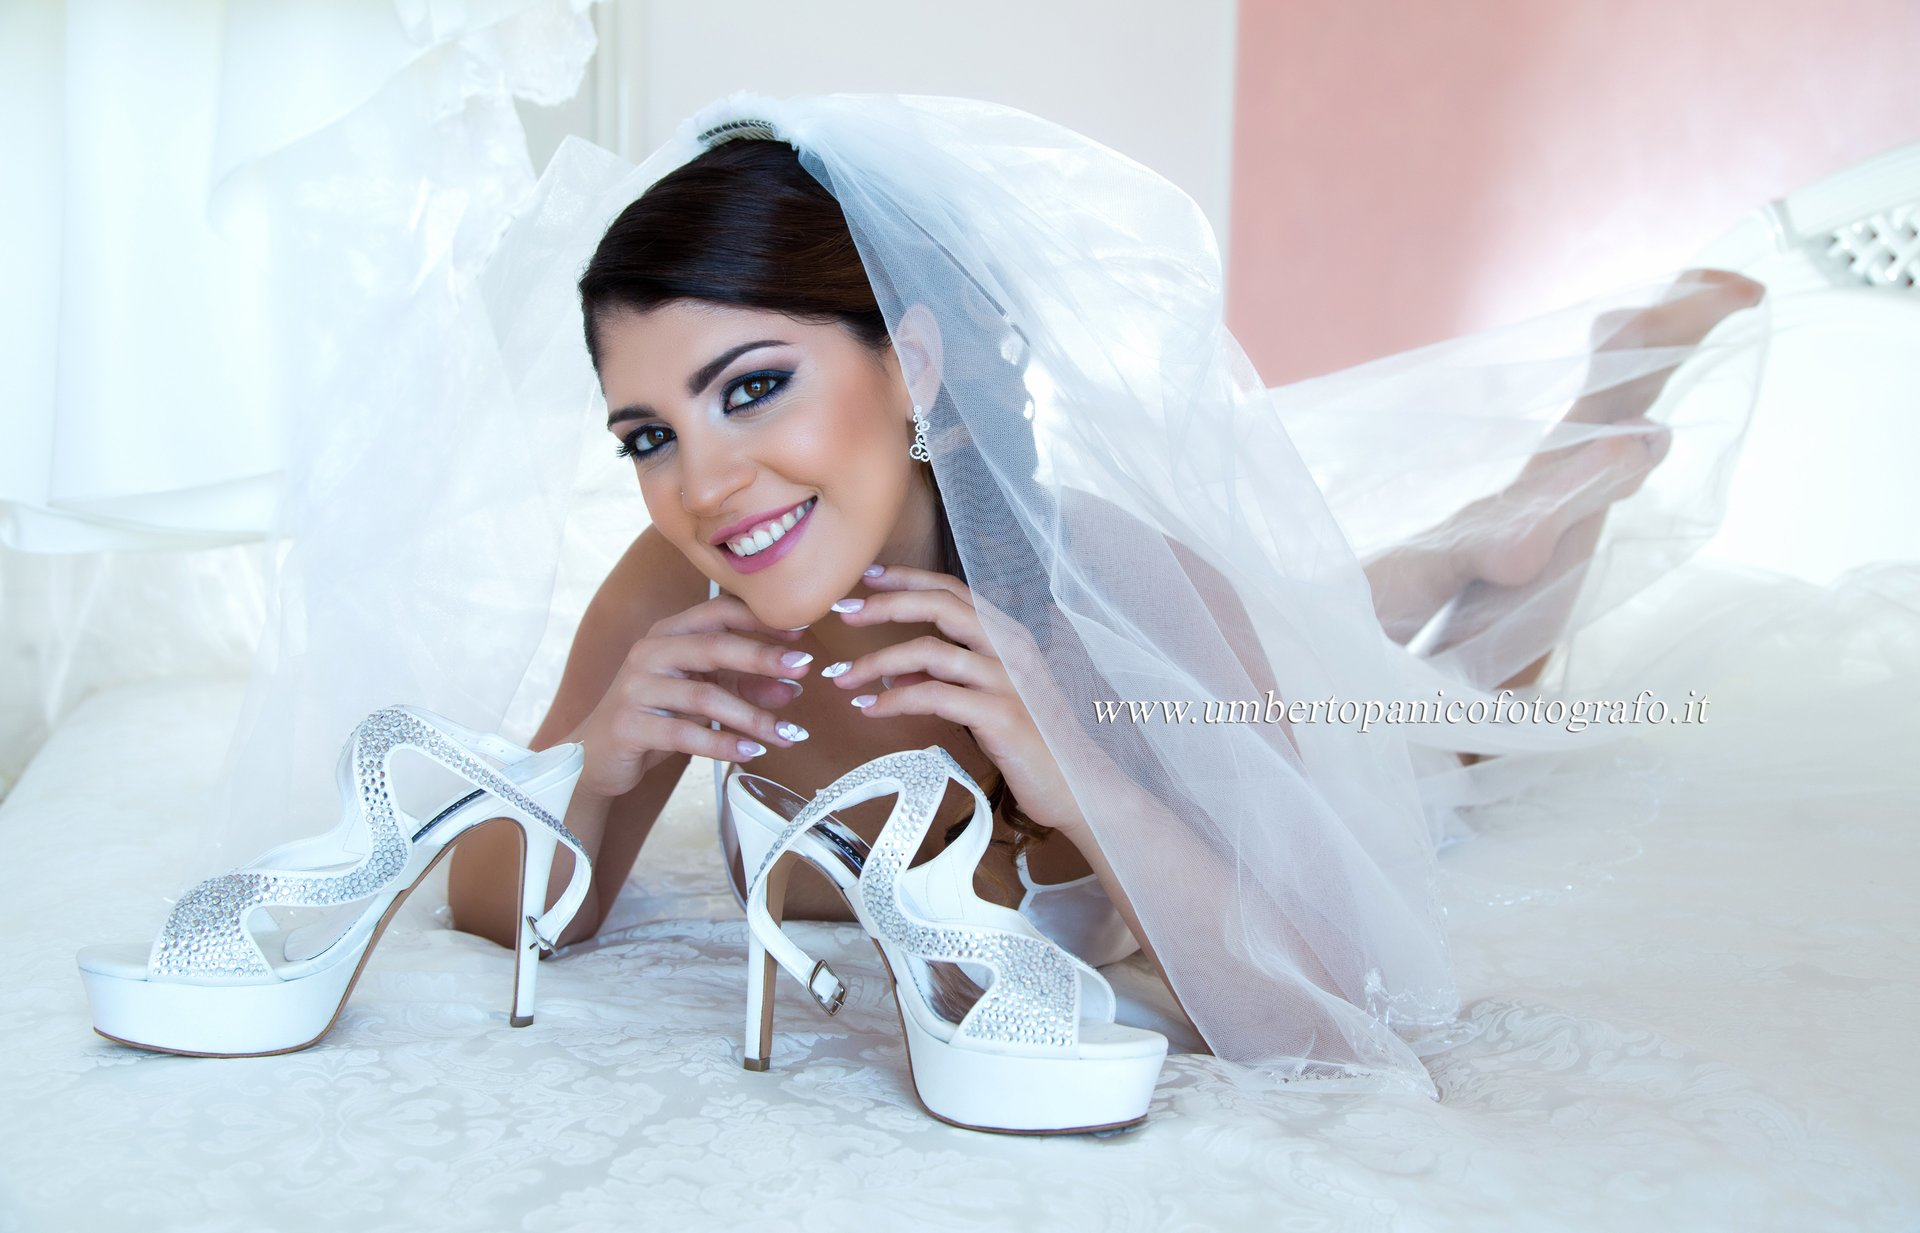 sposa distesa su un letto con scarpe in mano